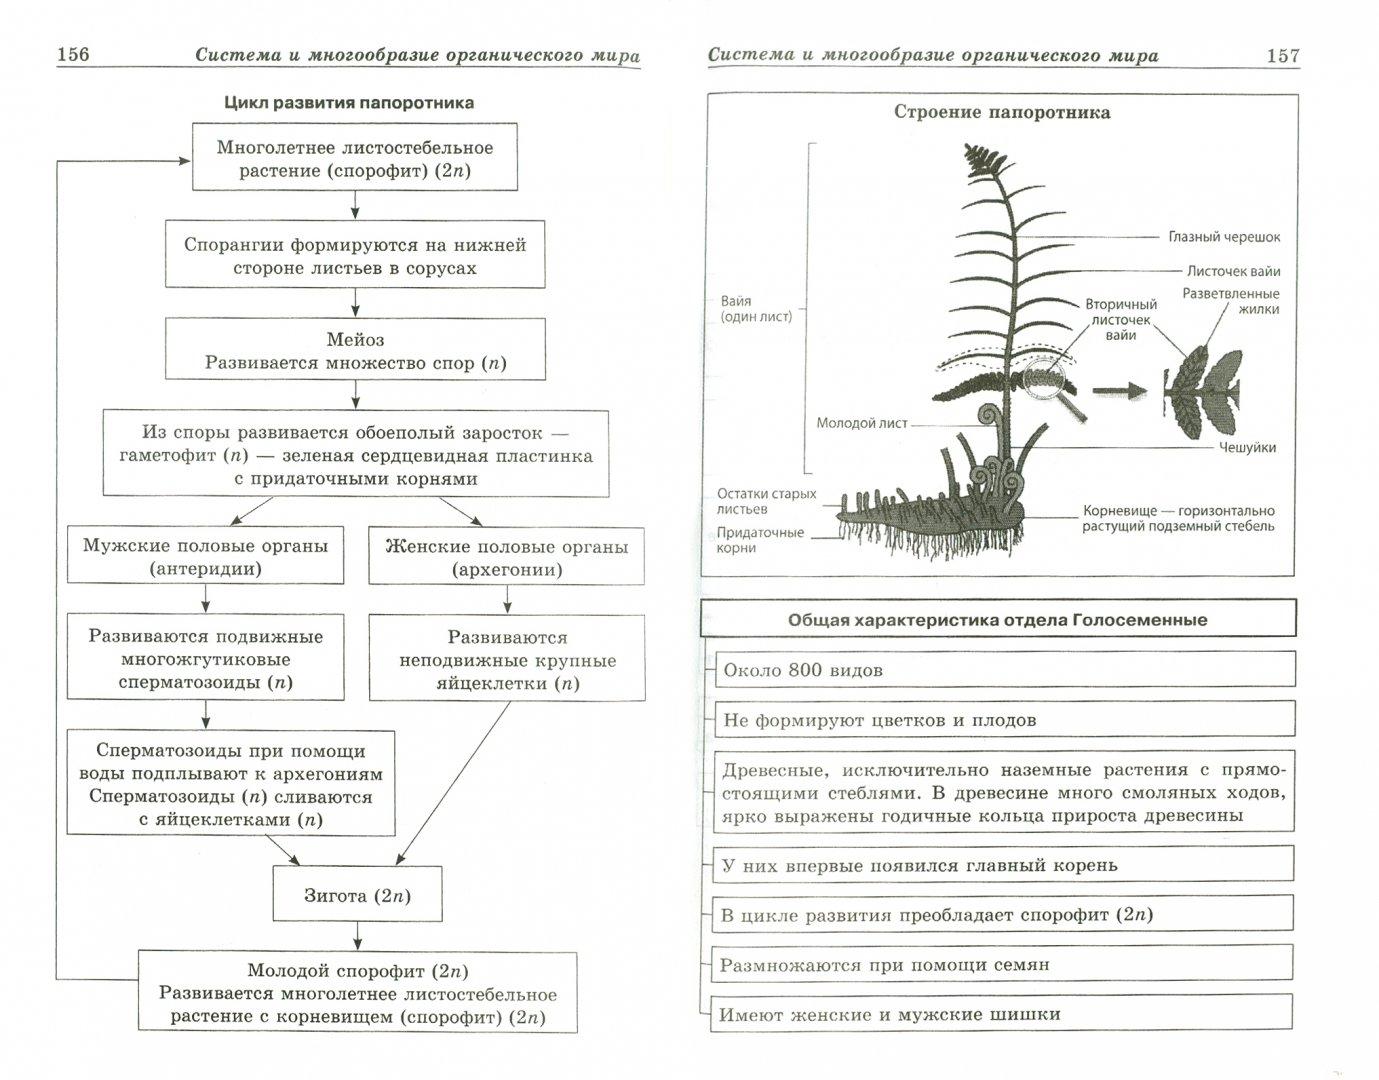 дни биология в картинках и схемах огэ полках